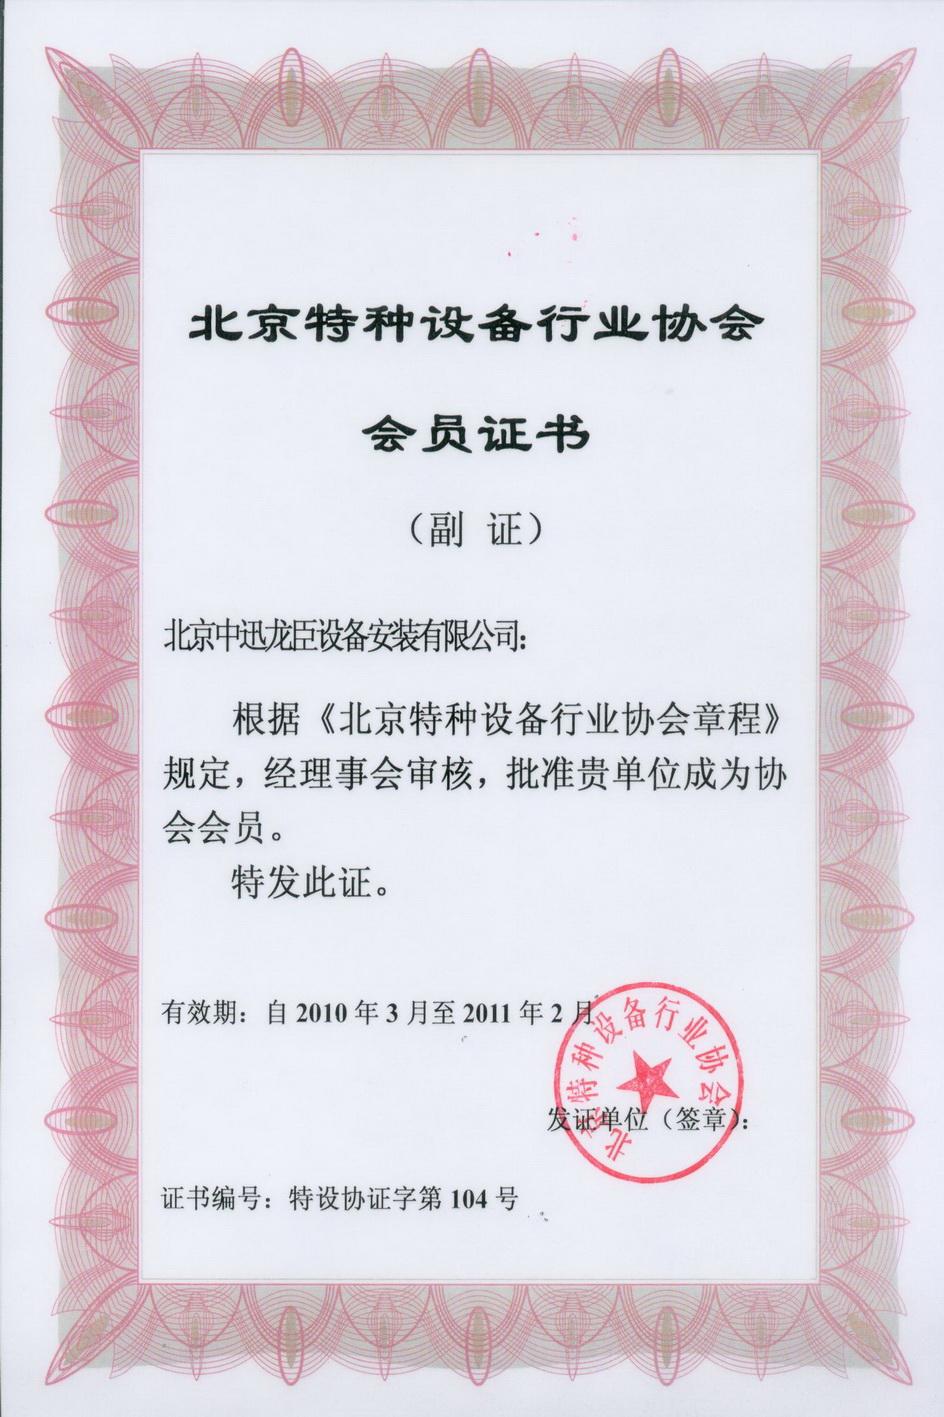 2010年特种设备行业协会会员证书